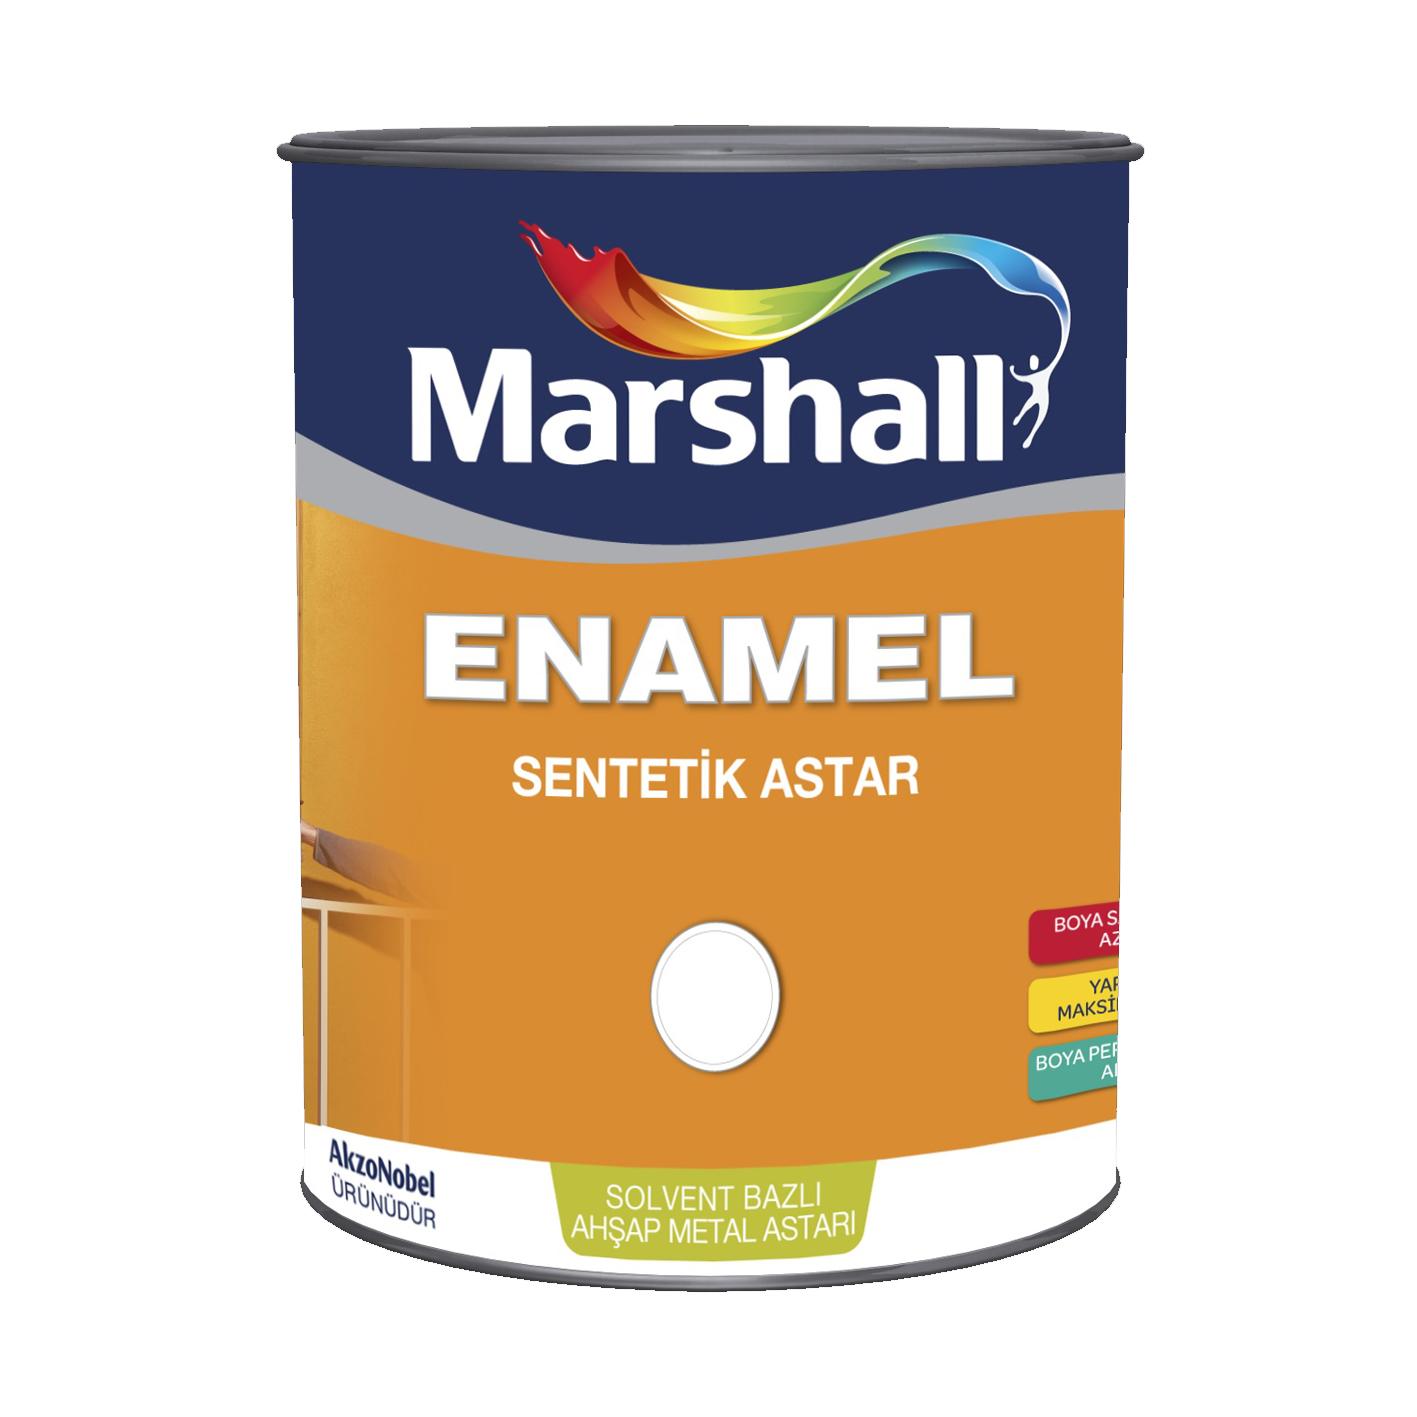 Marshall Enamel Sentetik Astar 15Lt